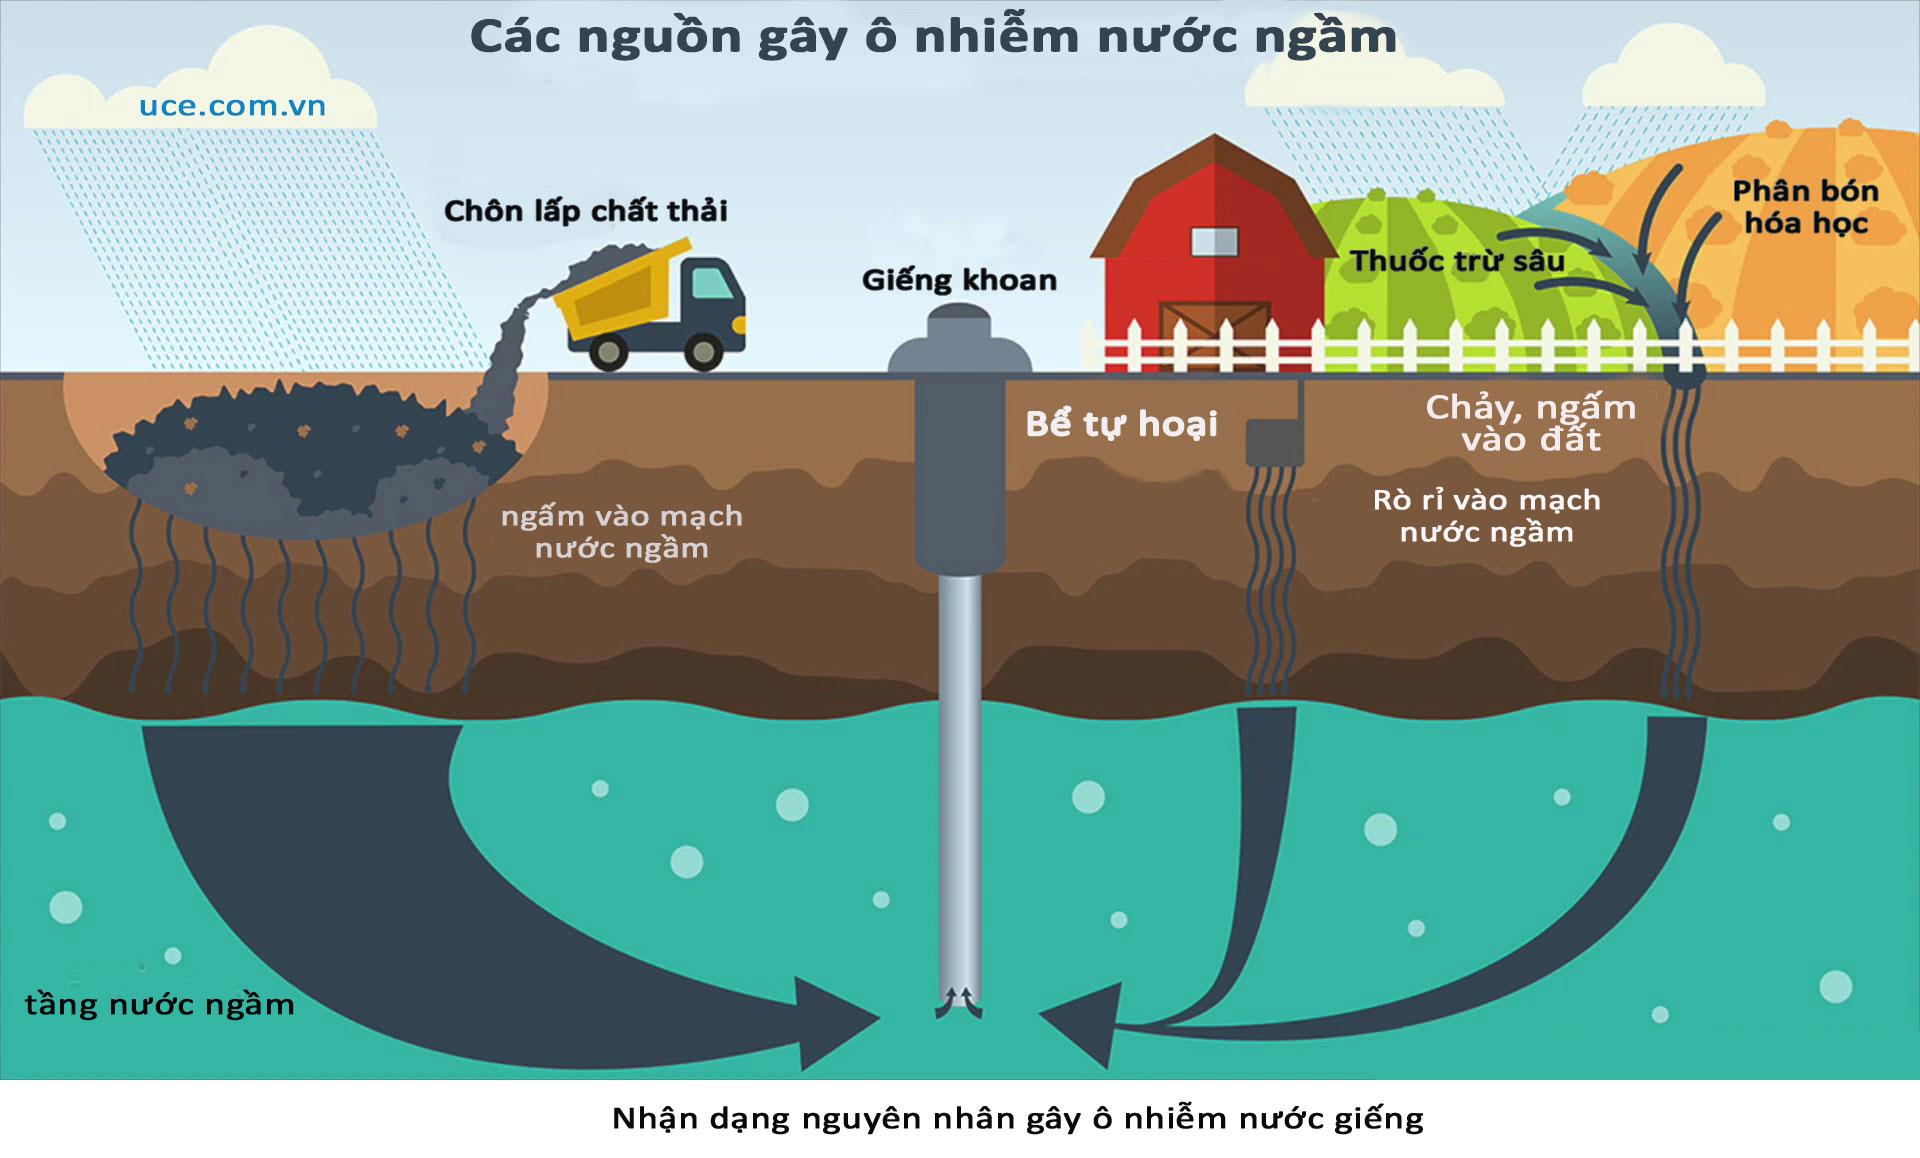 Nhận dạng nguồn nước bị ô nhiễm để áp dụng các phương pháp xử lý nước ngầm phù hợp